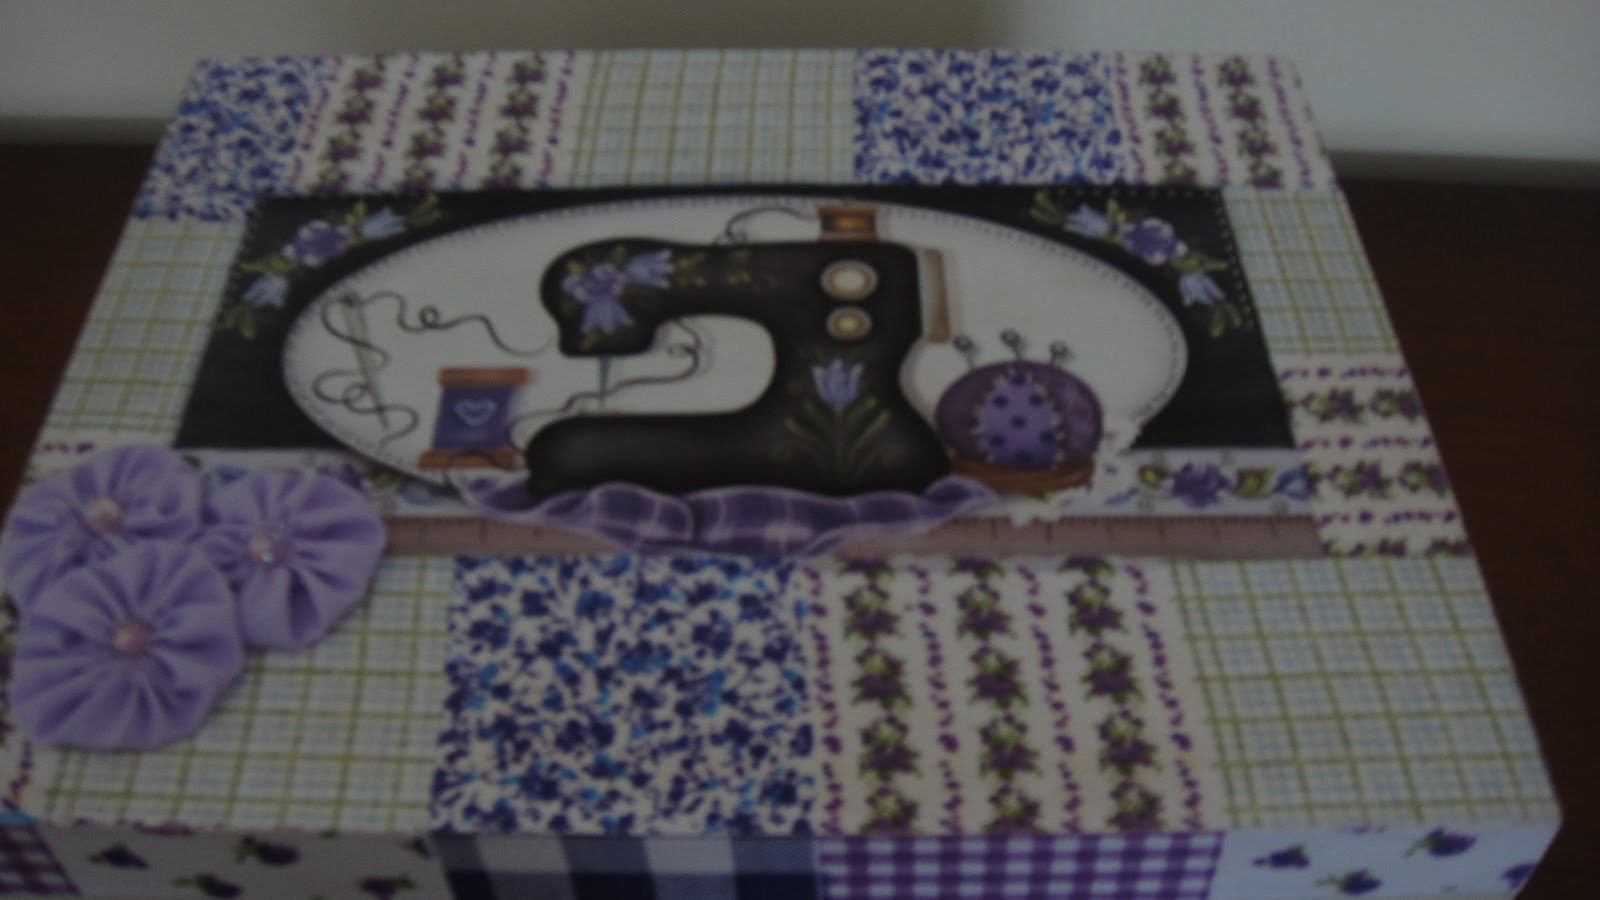 Adesivo De Guarda Roupa Infantil ~ Artesanatos Goi u00e2nia Mina das Artes Caixas para Lembrança Decoradas em madeira